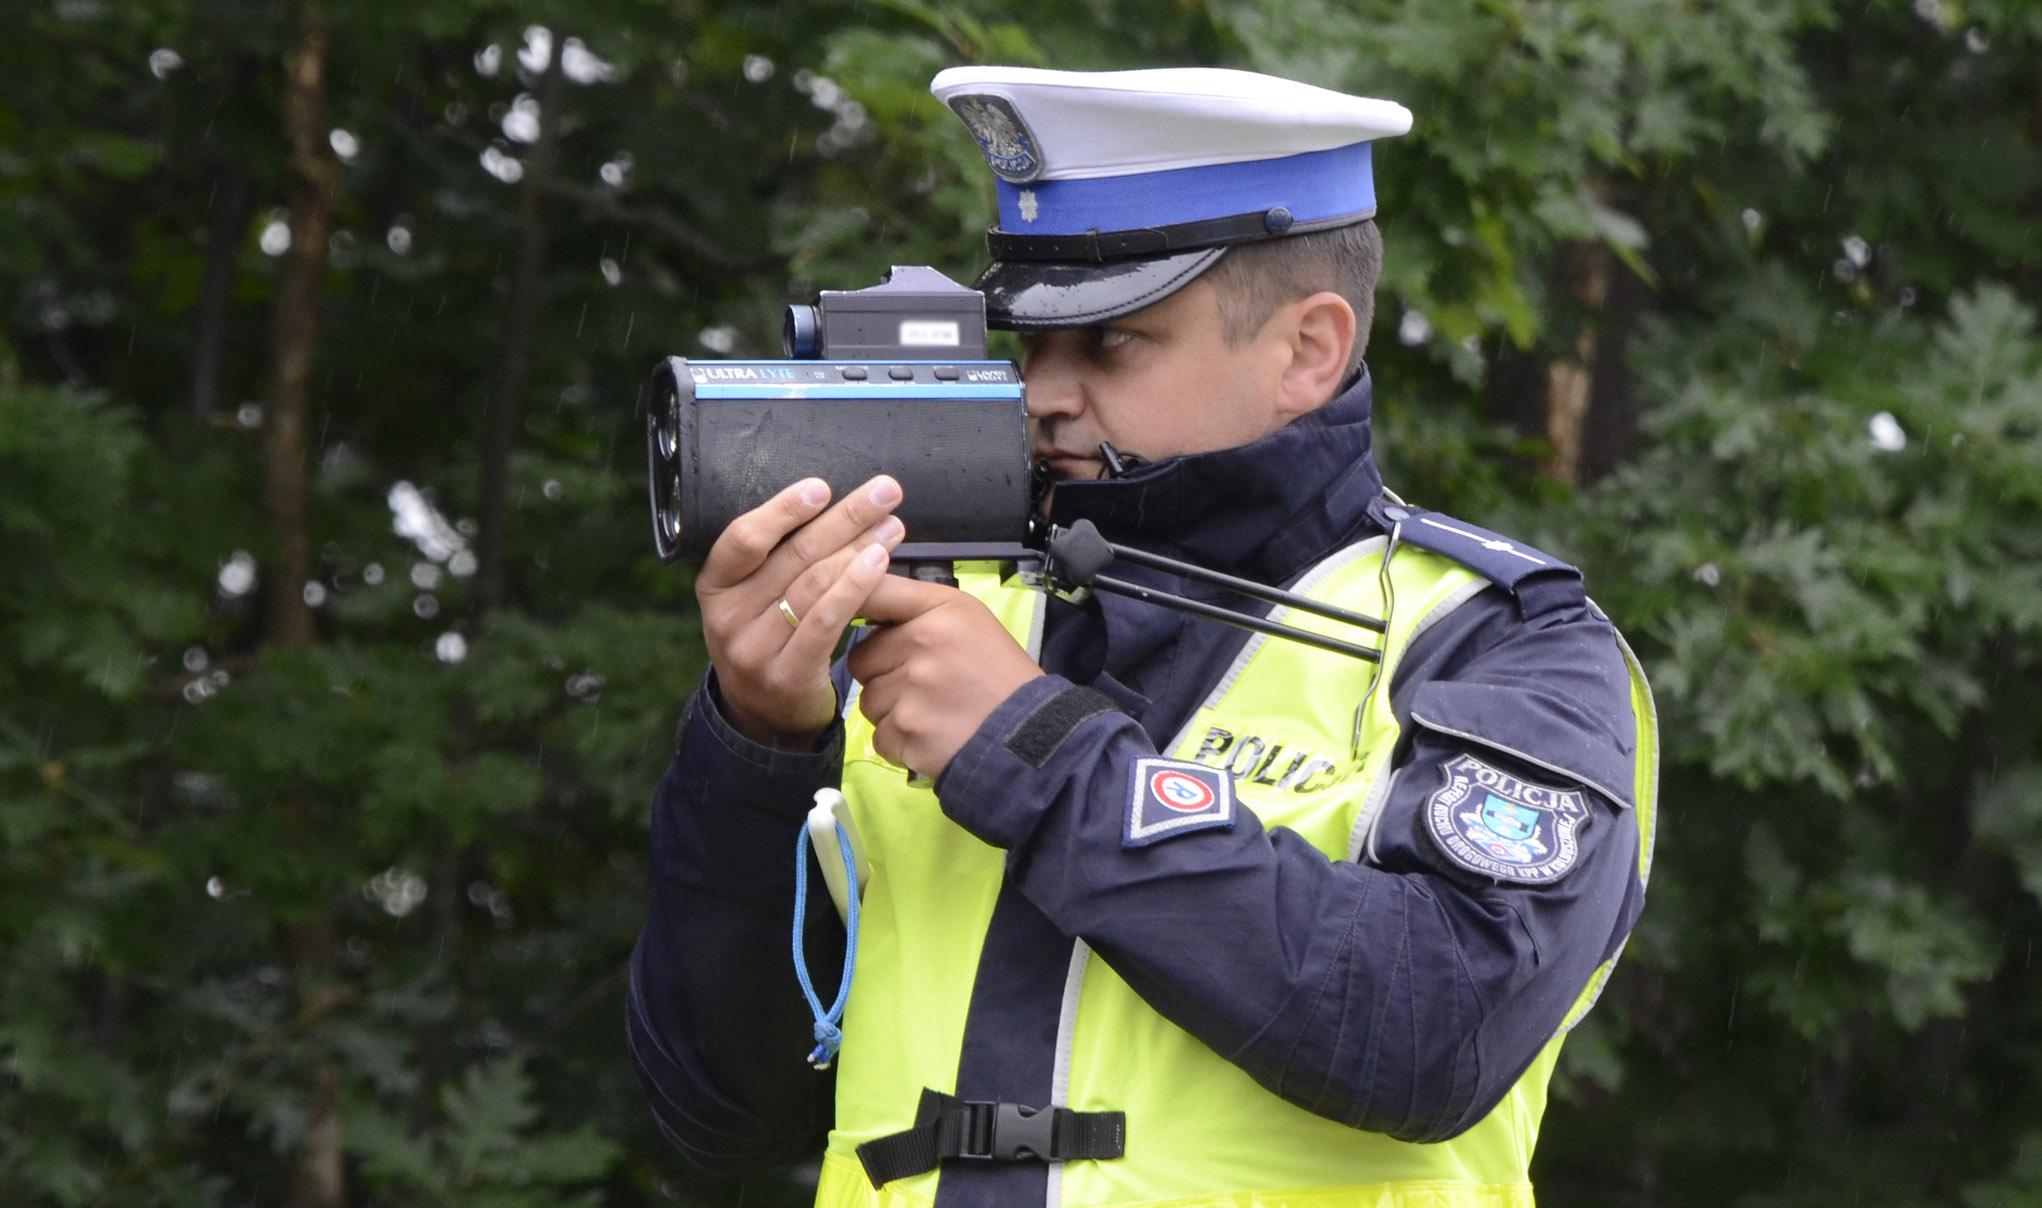 21 zgłoszeń do policji. O czym informowali mieszkańcy powiatu? - Zdjęcie główne